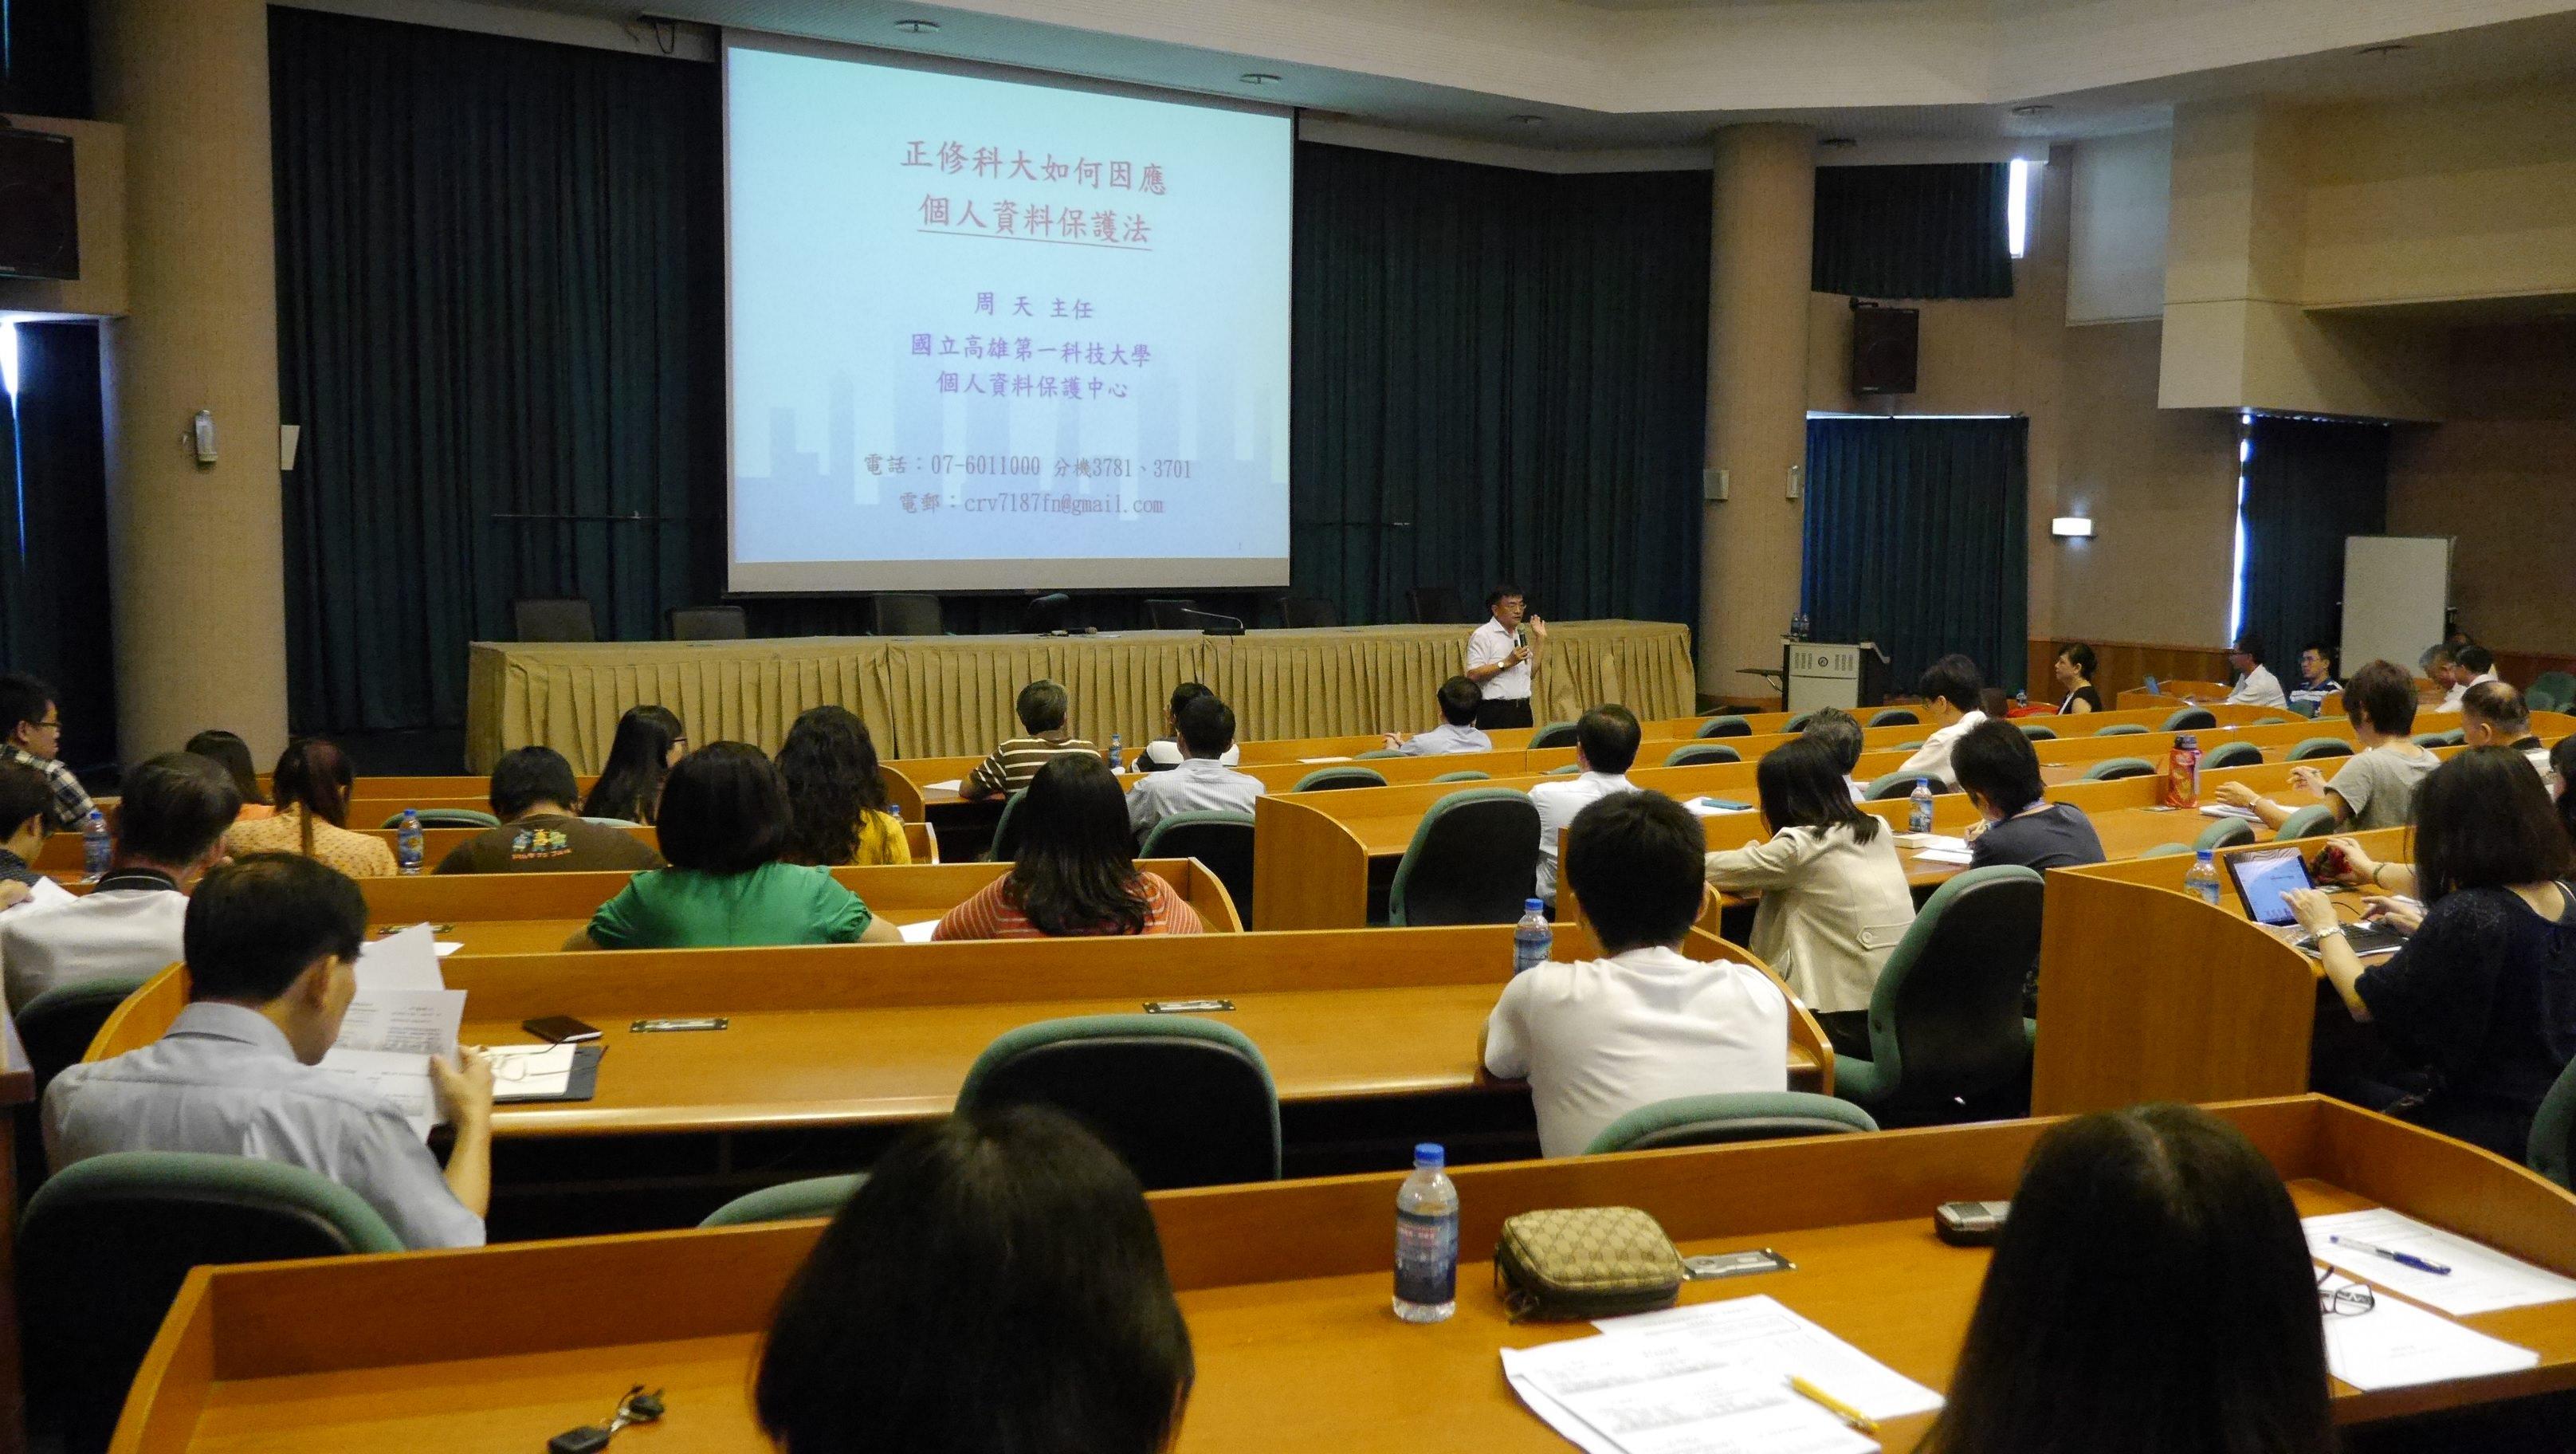 ◆個資法專題演講「正修科大如何因應個人資料保護法」